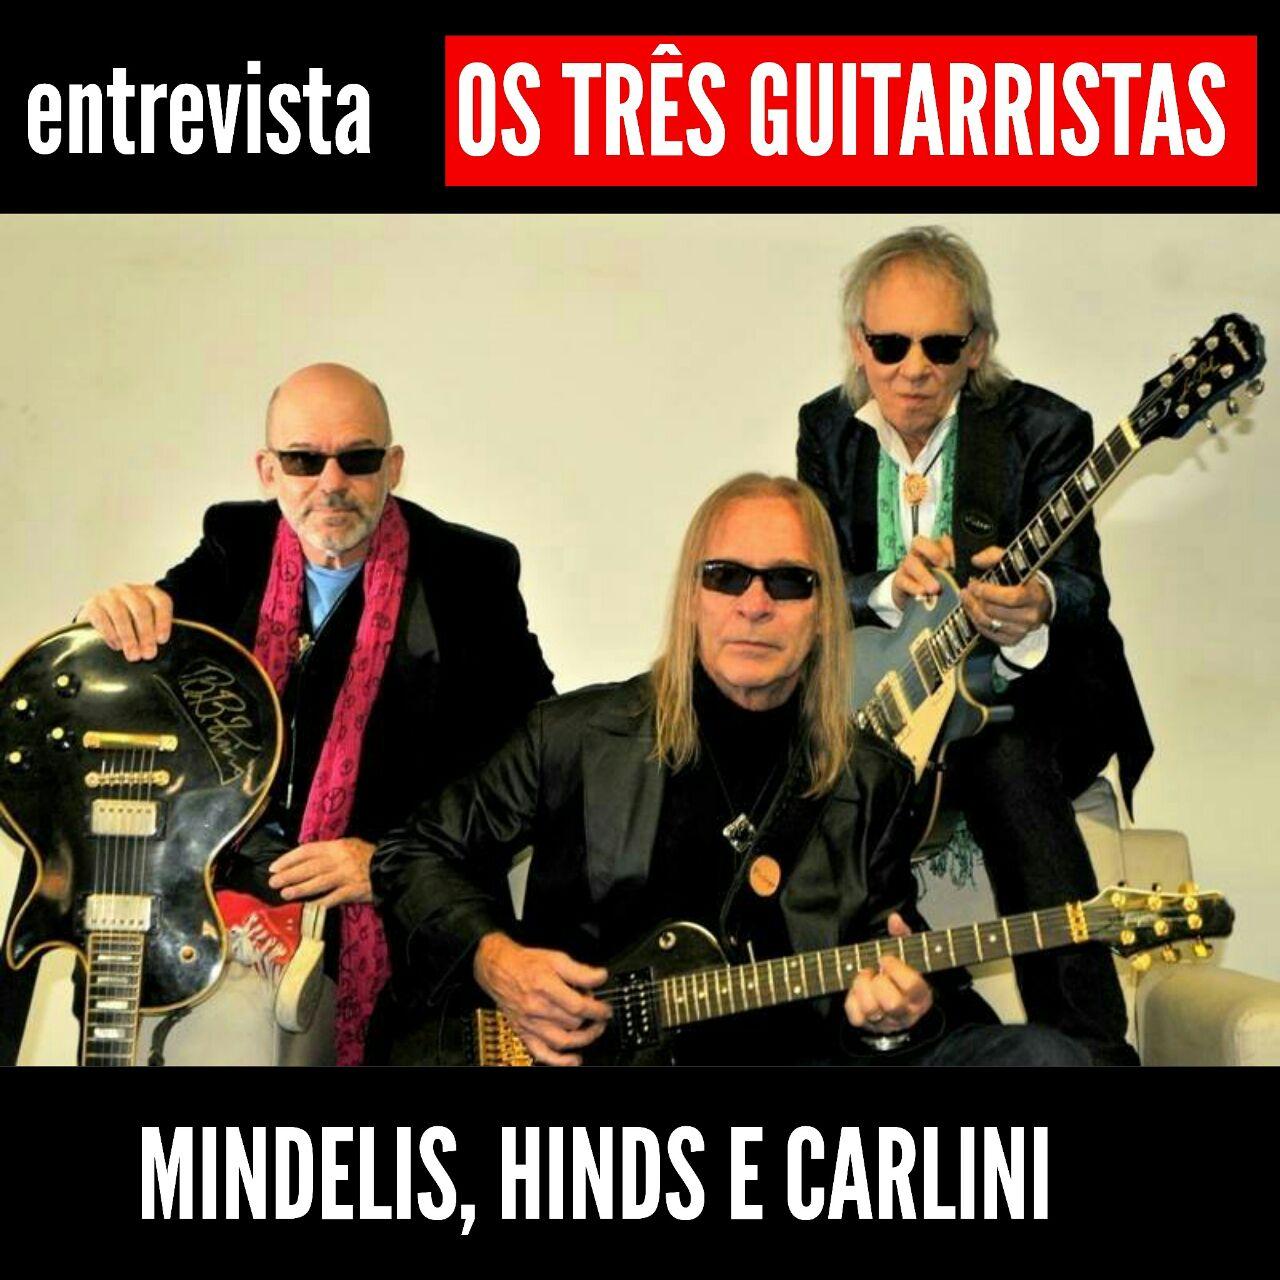 Os Três guitarristas